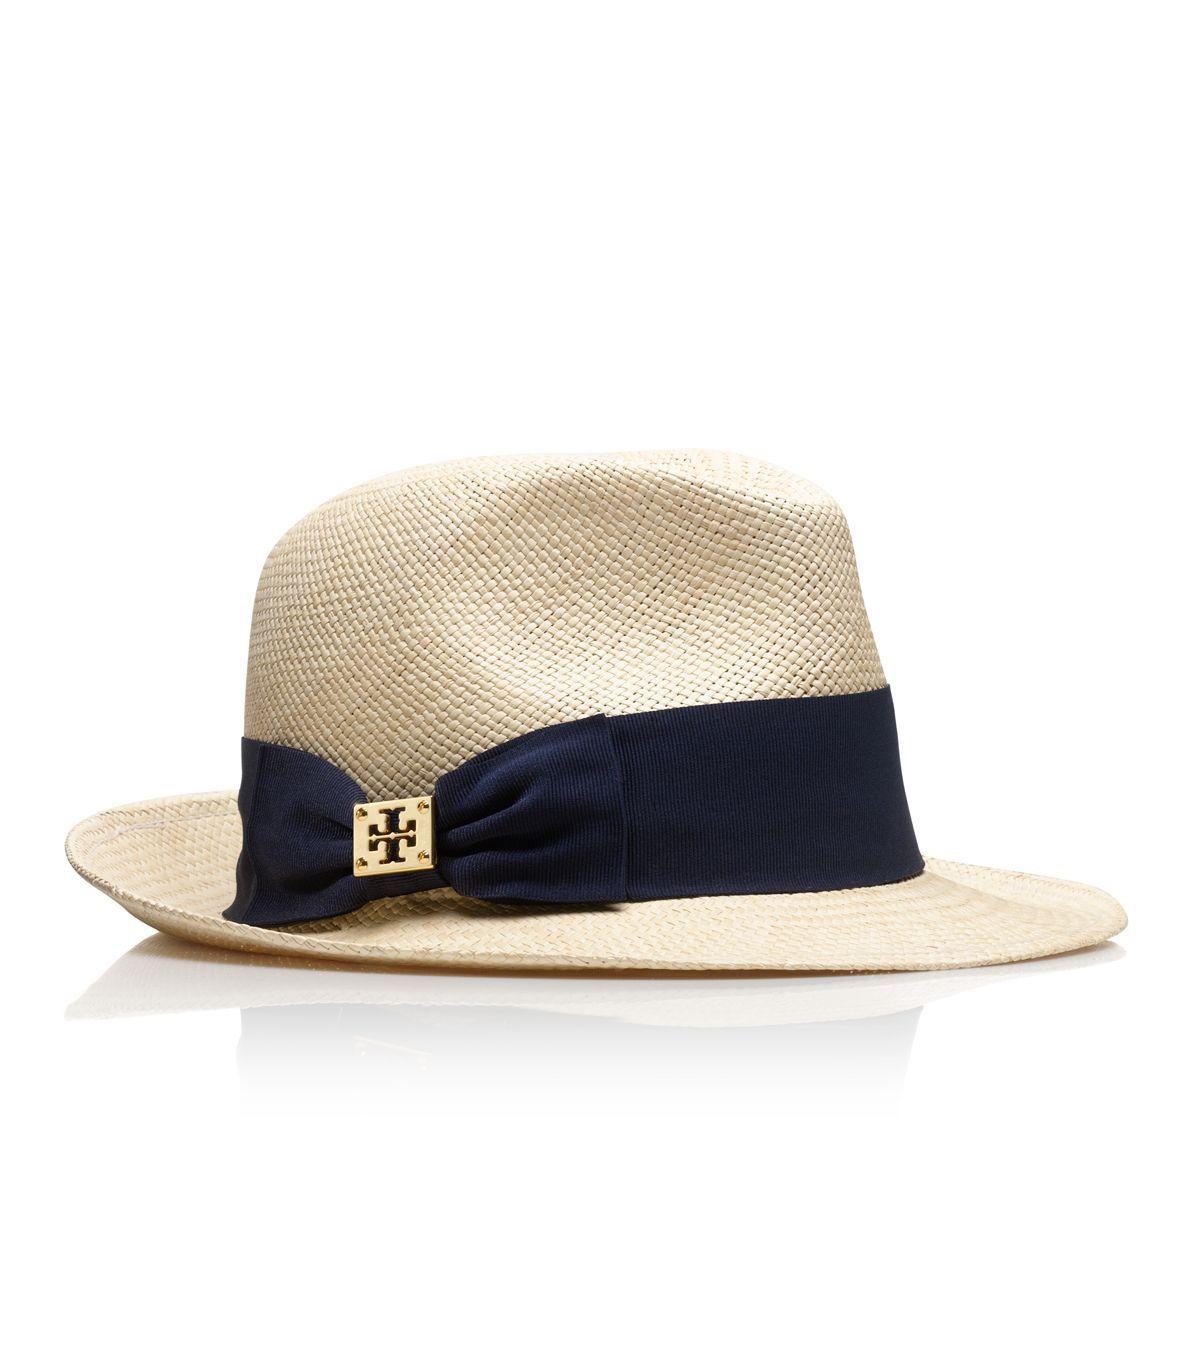 078b2af947e8f Tory Burch Fedora. I so so so so LOVE THIS HAT!!!!!